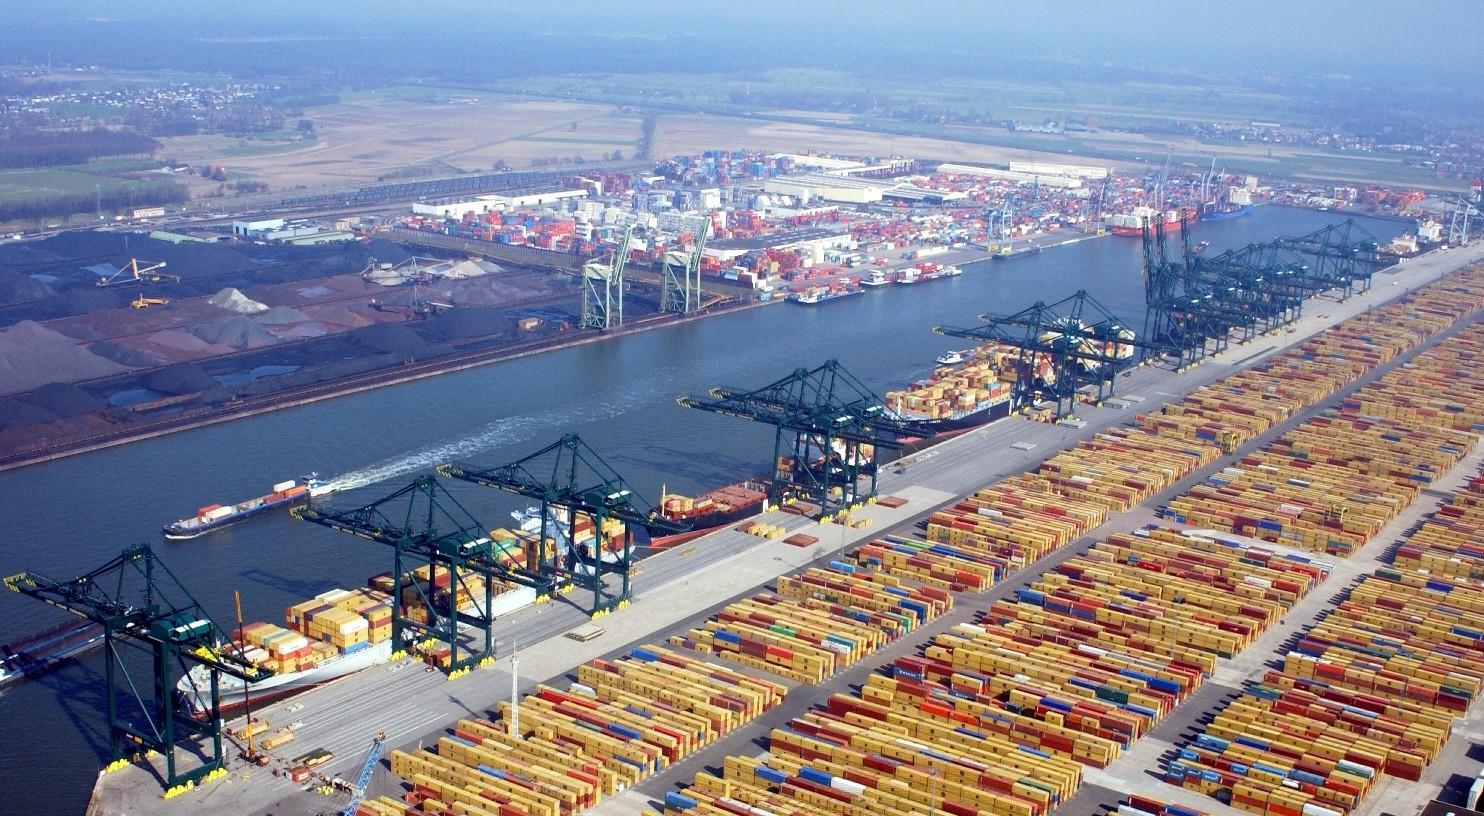 ВБельгии из-за угрозы взрыва эвакуирован порт